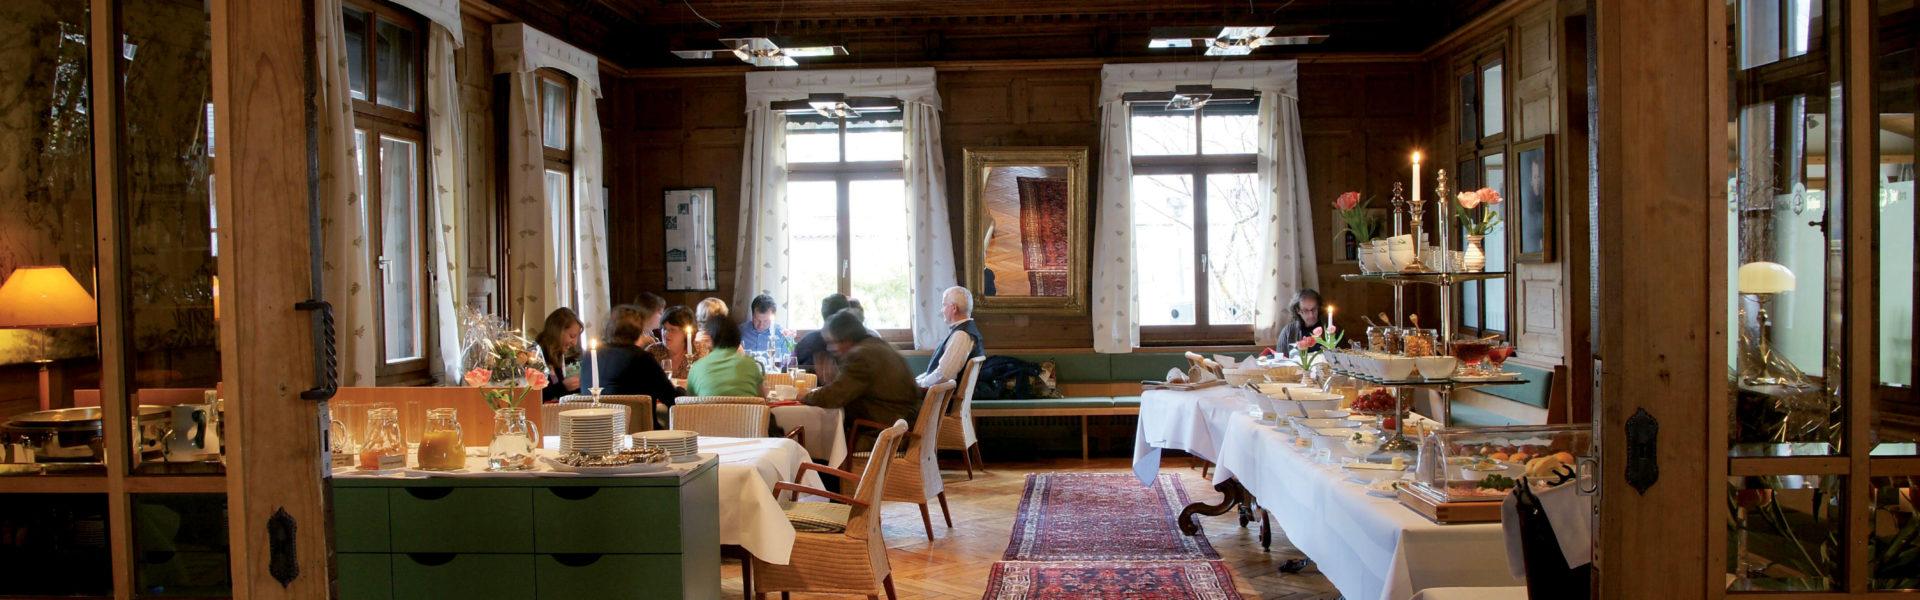 Hotel Gasthof Hirschen, Schwarzenberg (c) Ludwig Berchtold - Vorarlberg Tourismus